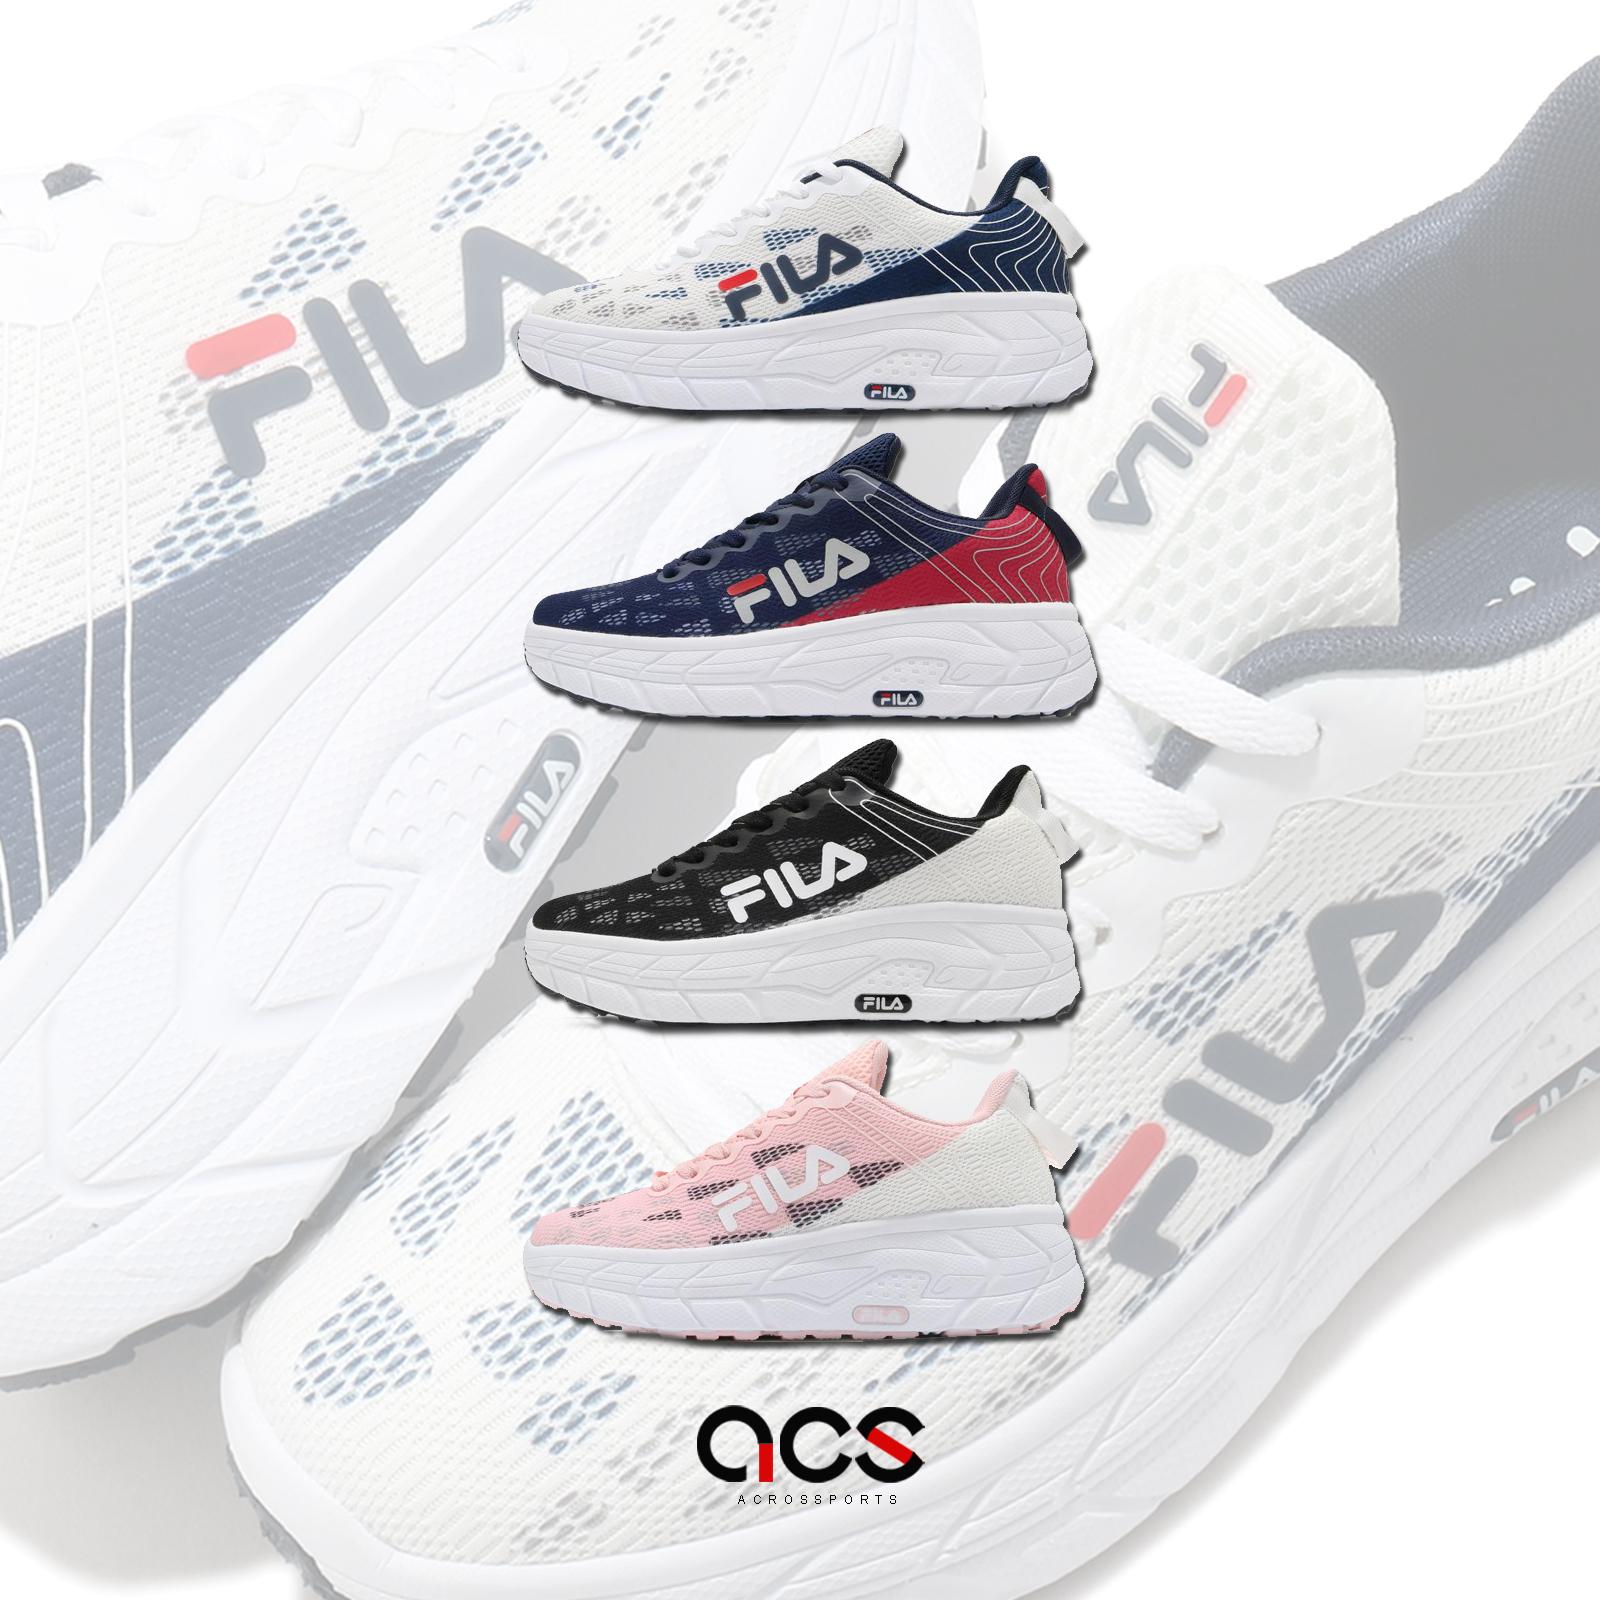 Fila 慢跑鞋 J321V 男鞋 女鞋 厚底 增高 高緩衝 透氣鞋面 輕量 運動鞋 多色任選 【ACS】